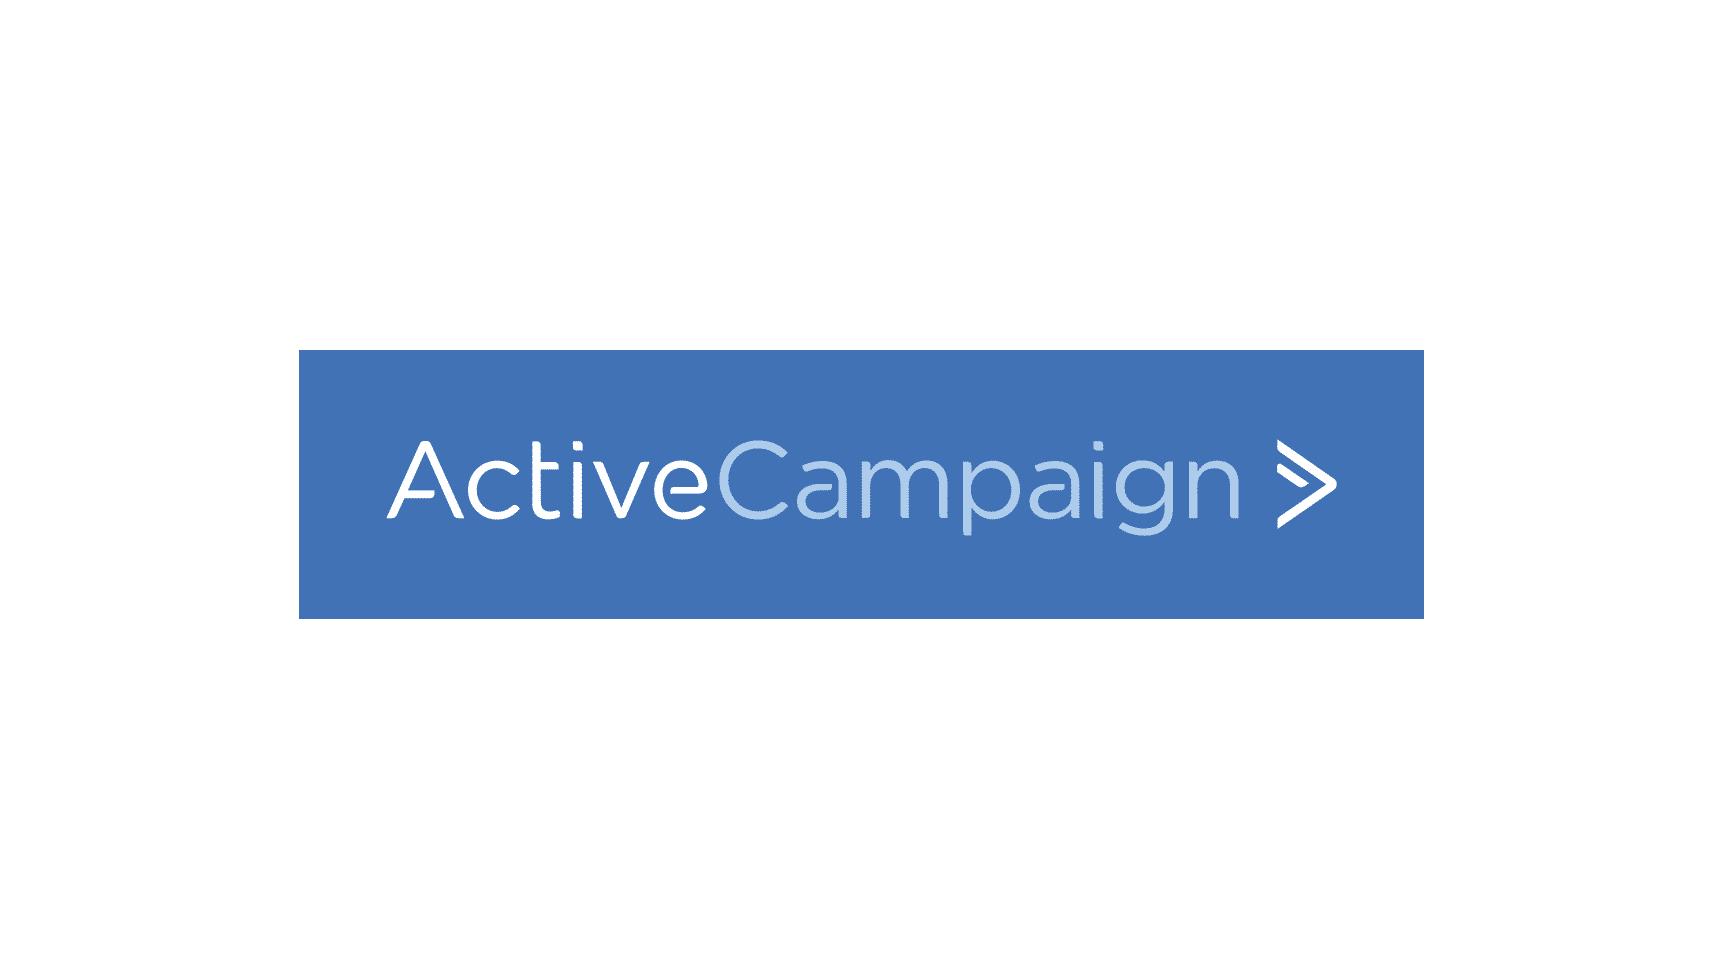 Activecampaign vs Clickfunnels